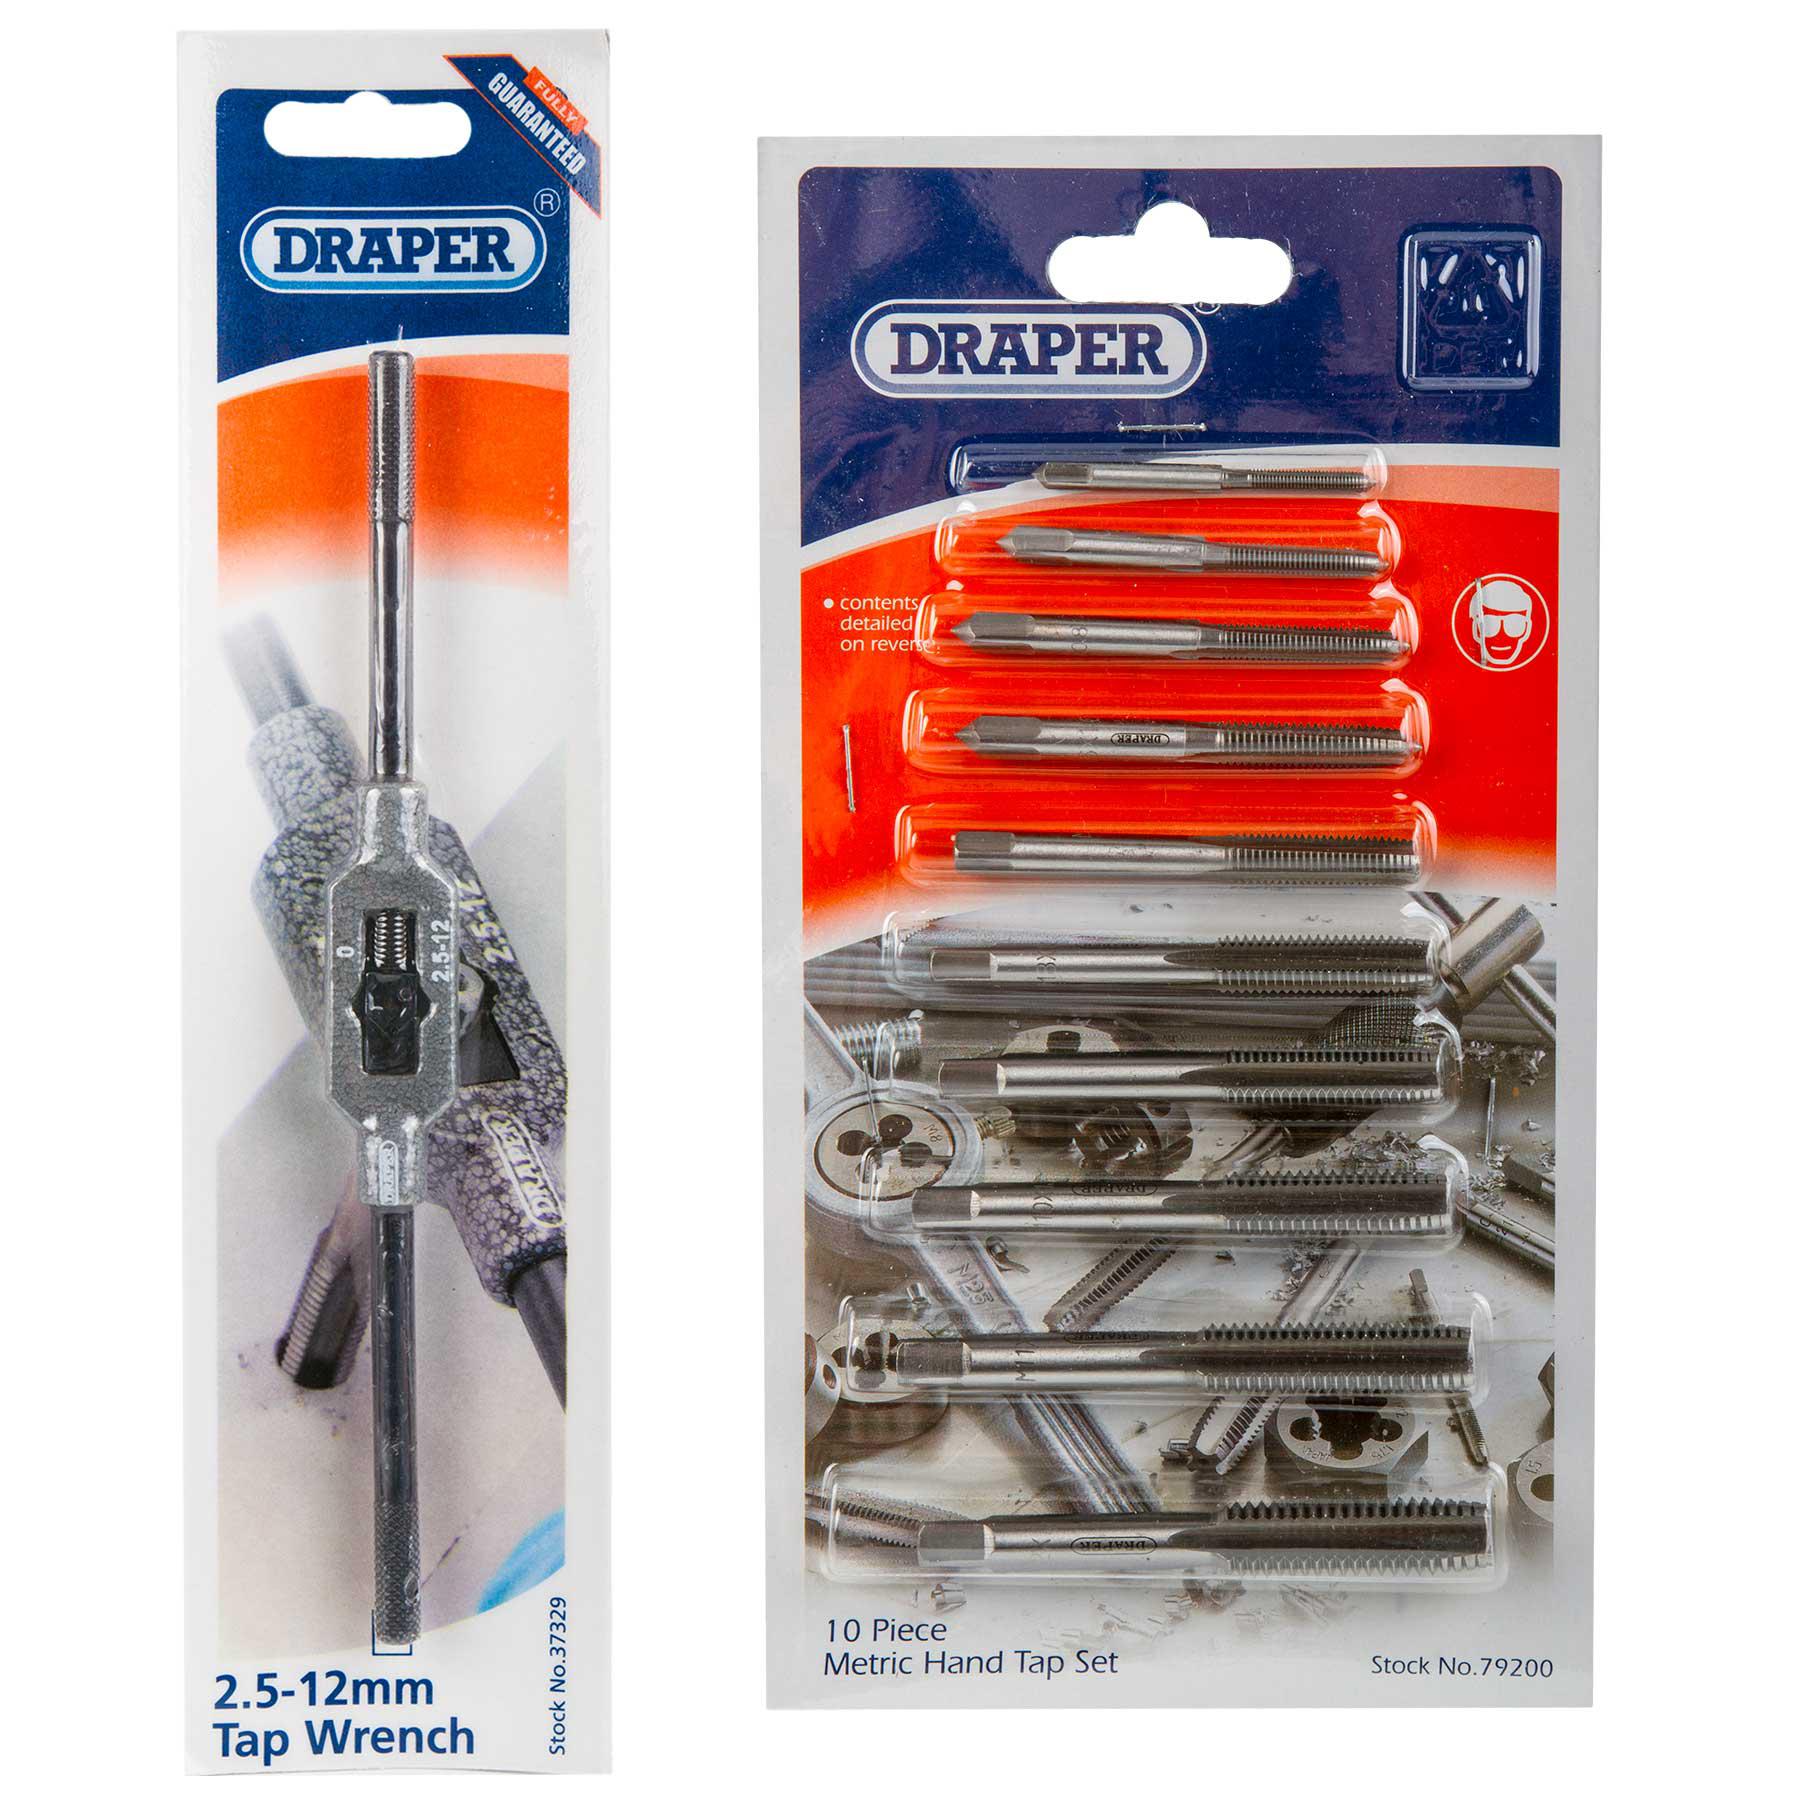 Draper TTW T-Type Tap Wrench